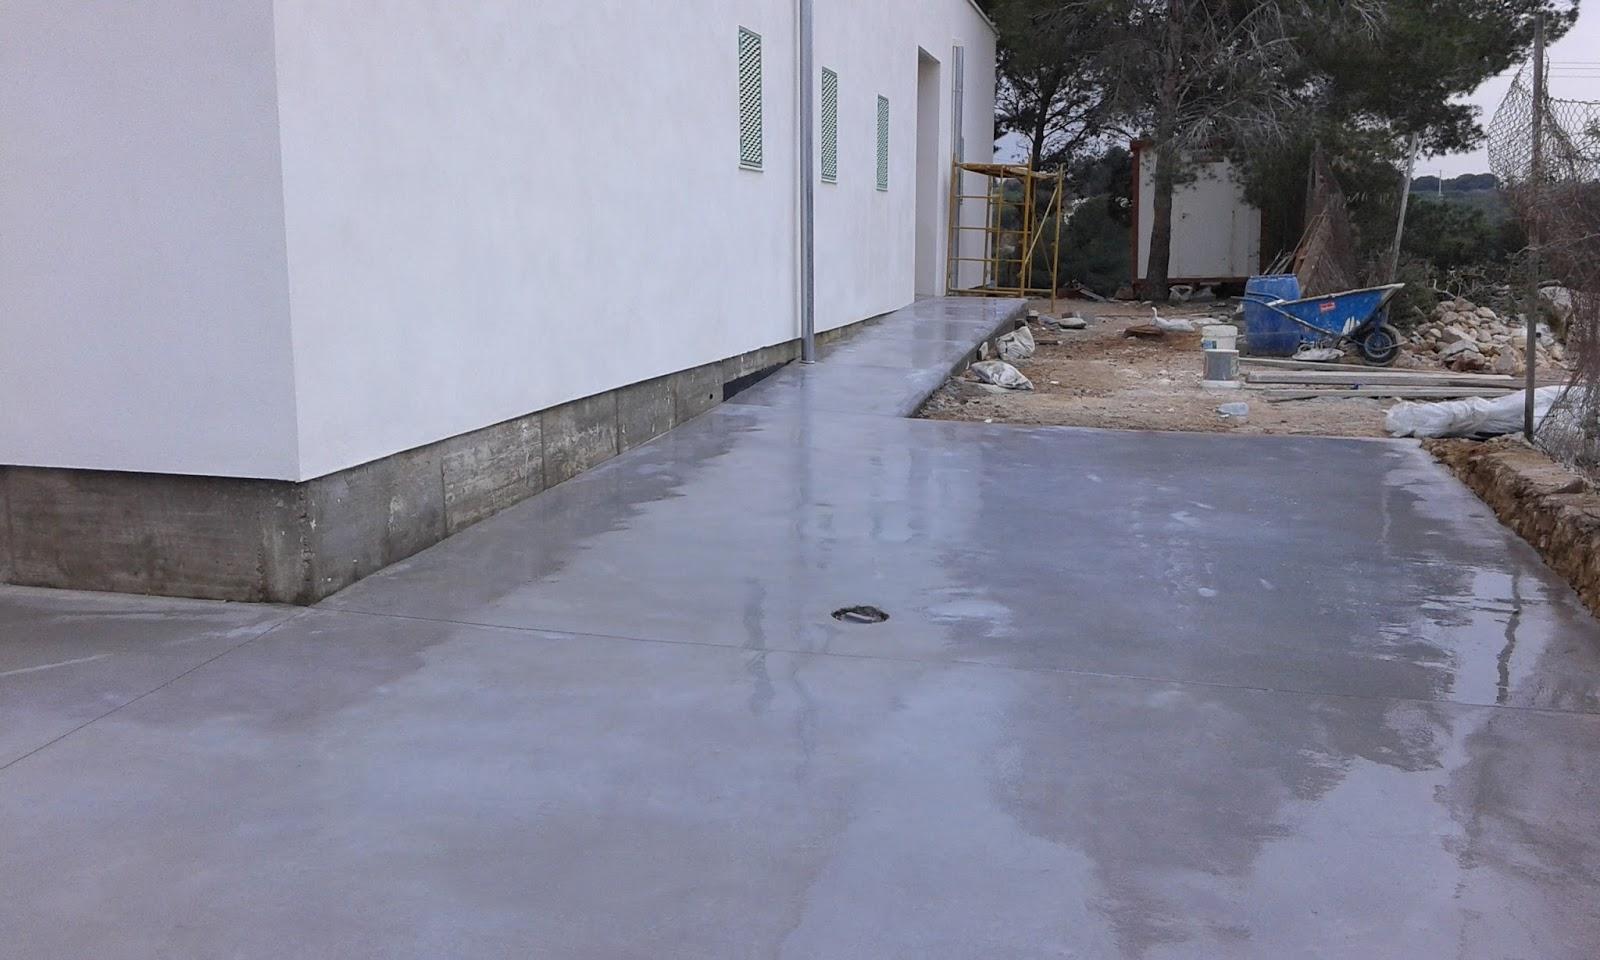 Pavimento continuo de hormig n liso en gris acero obra for Hormigon pulido blanco